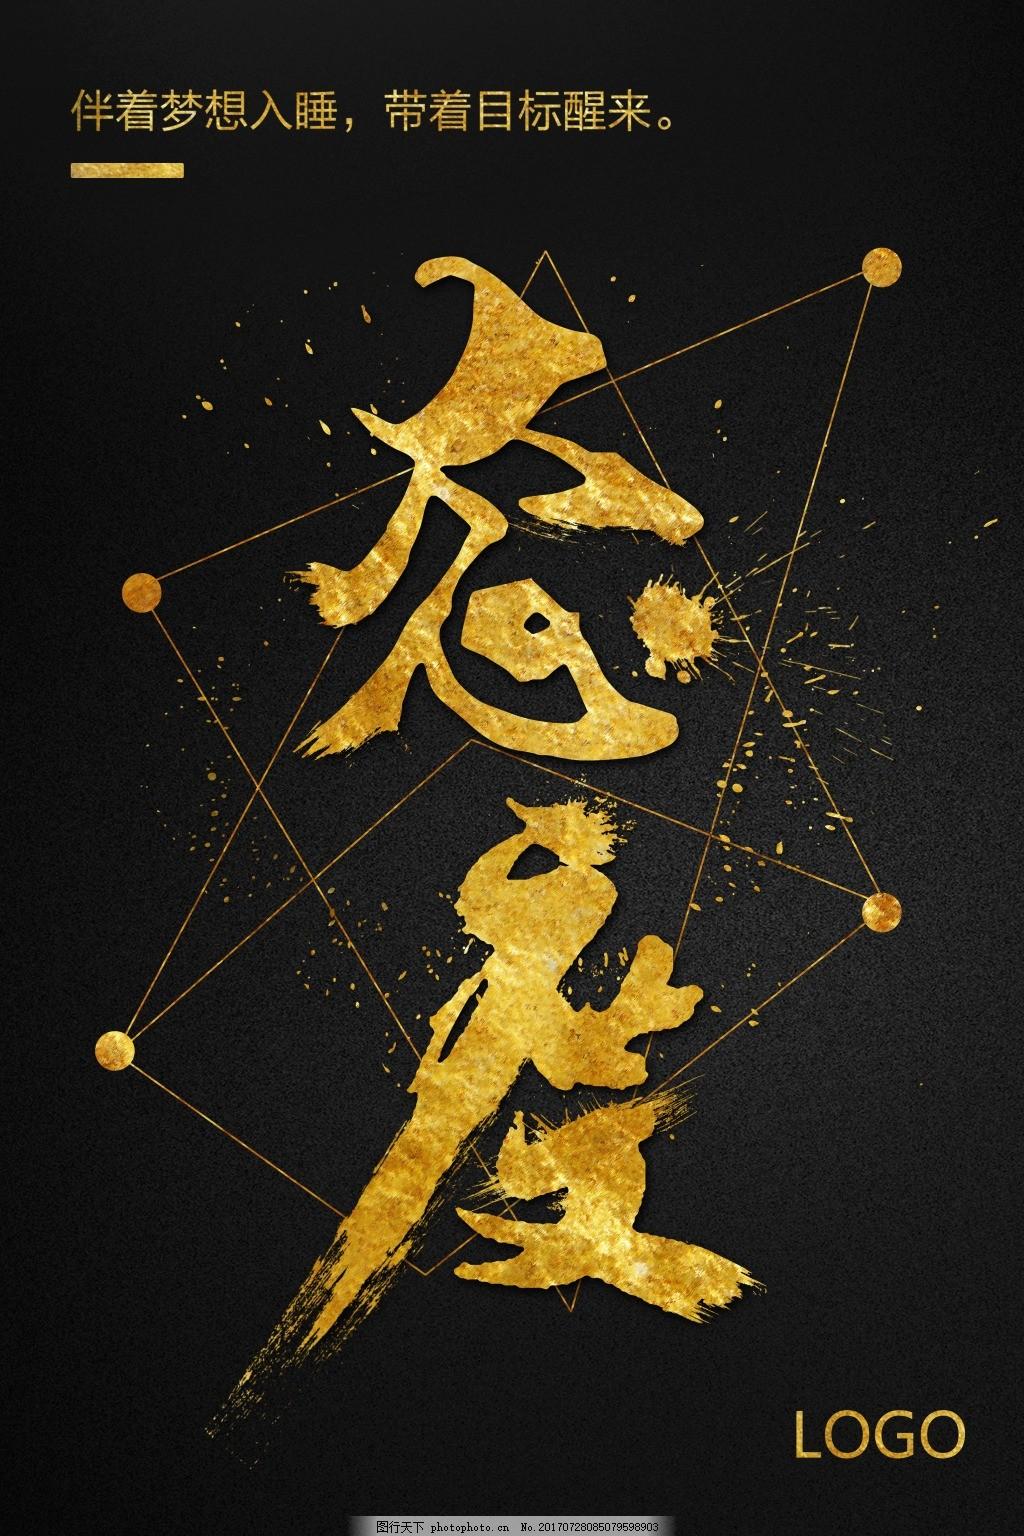 黑金绚丽时尚大气态度字体企业励志海报 手写 毛笔 文化 微商 早安